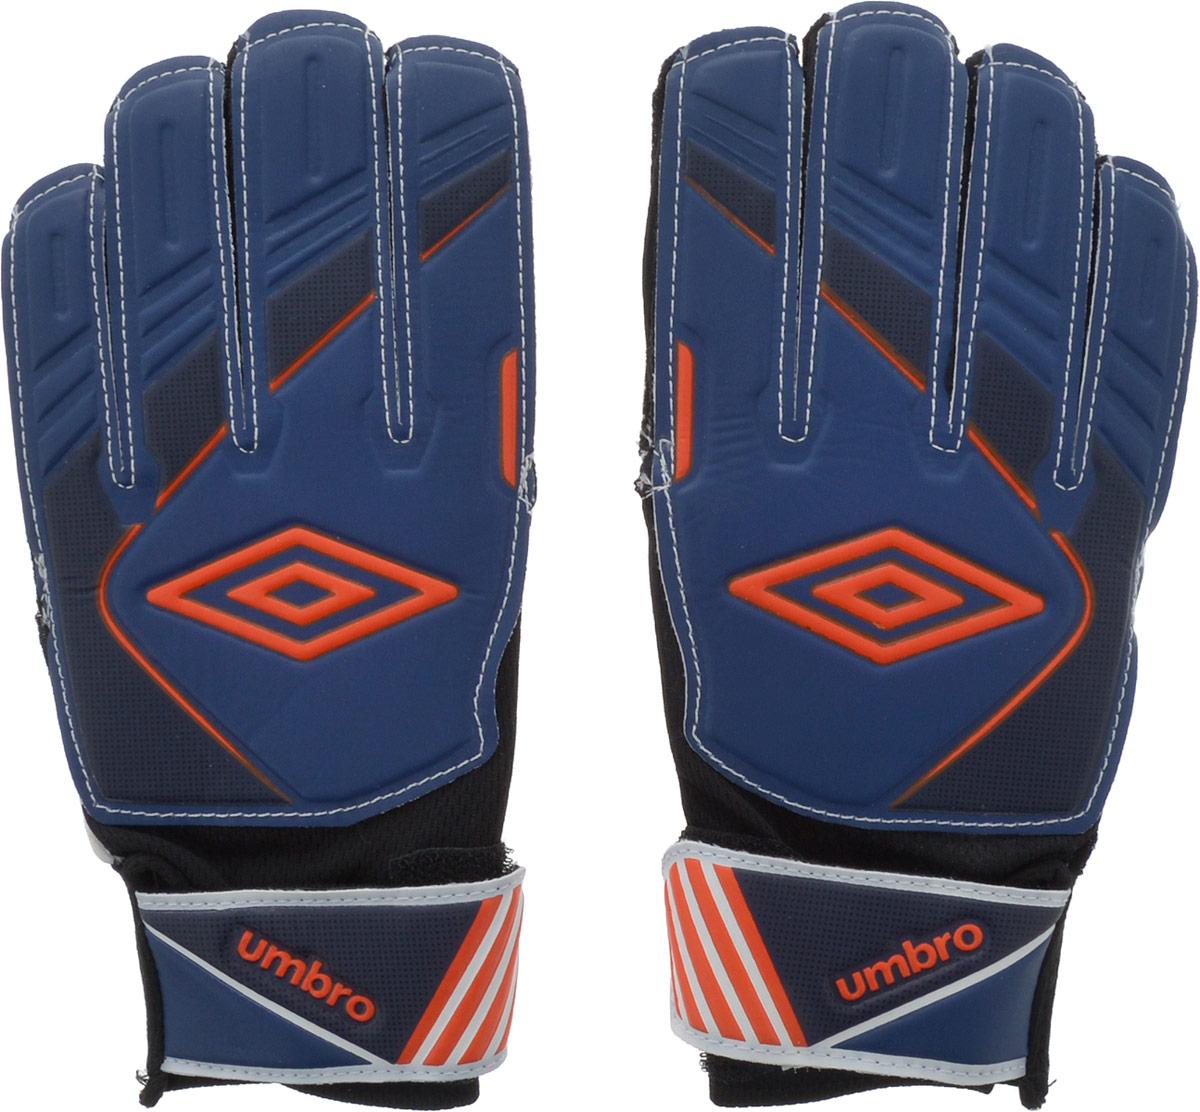 Перчатки вратарские Umbro Stadia Glove Jnr, цвет: синий, темно-синий, оранжевый. Размер 420580UПерчатки вратарские детские. Ладонь из латекса 3мм. Вставки из сетки для вентиляции. Эмбоссированная защита зоны удара.